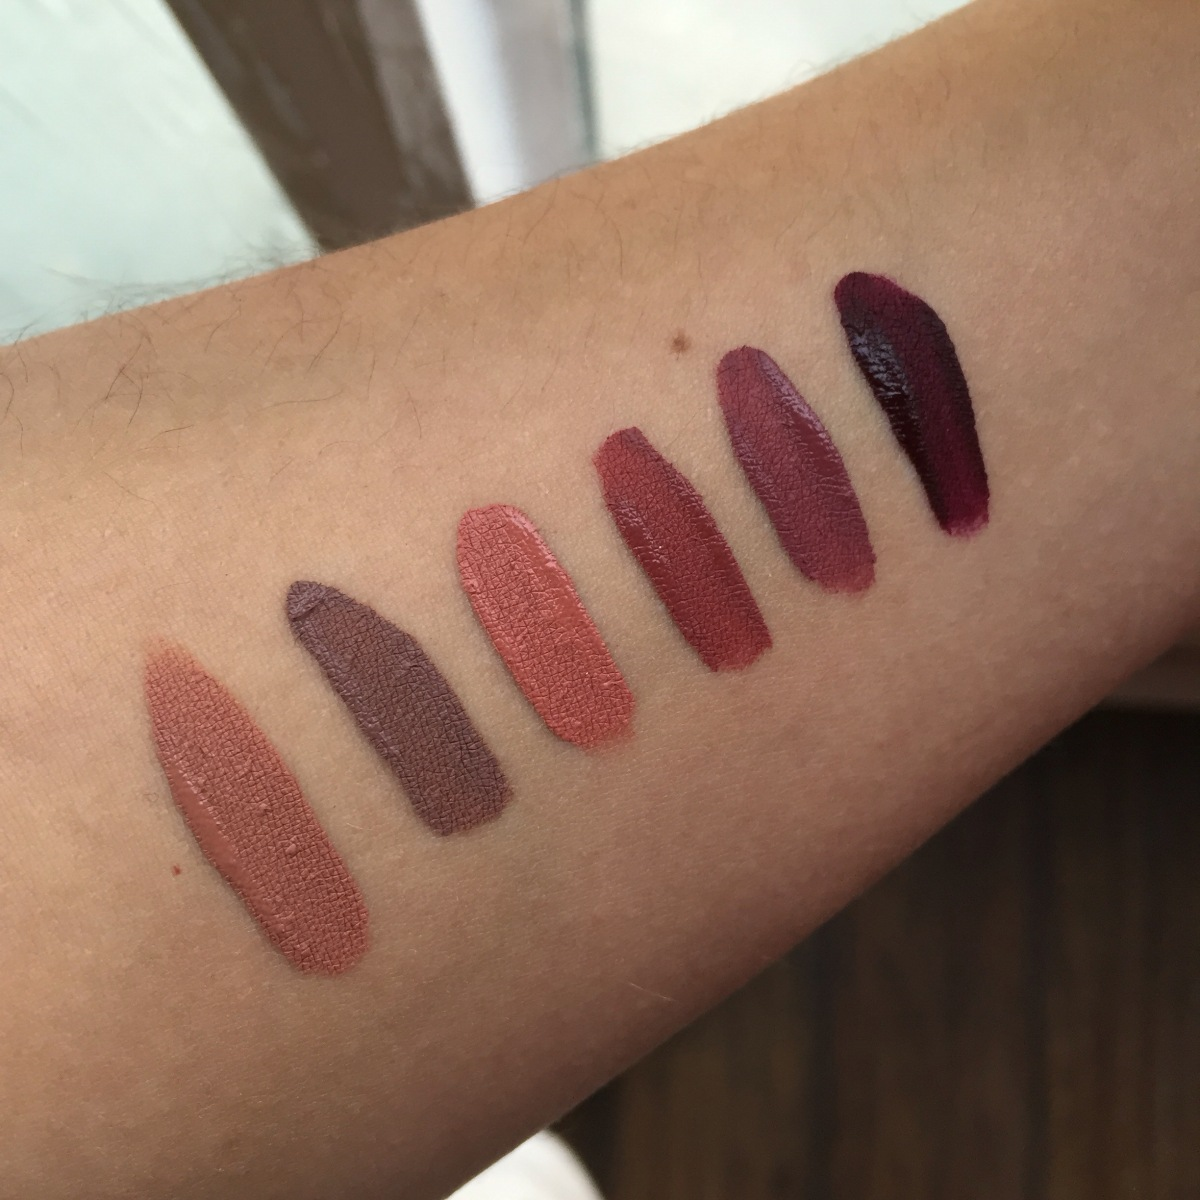 LASplash Velvet MatteLiquid Lipstick